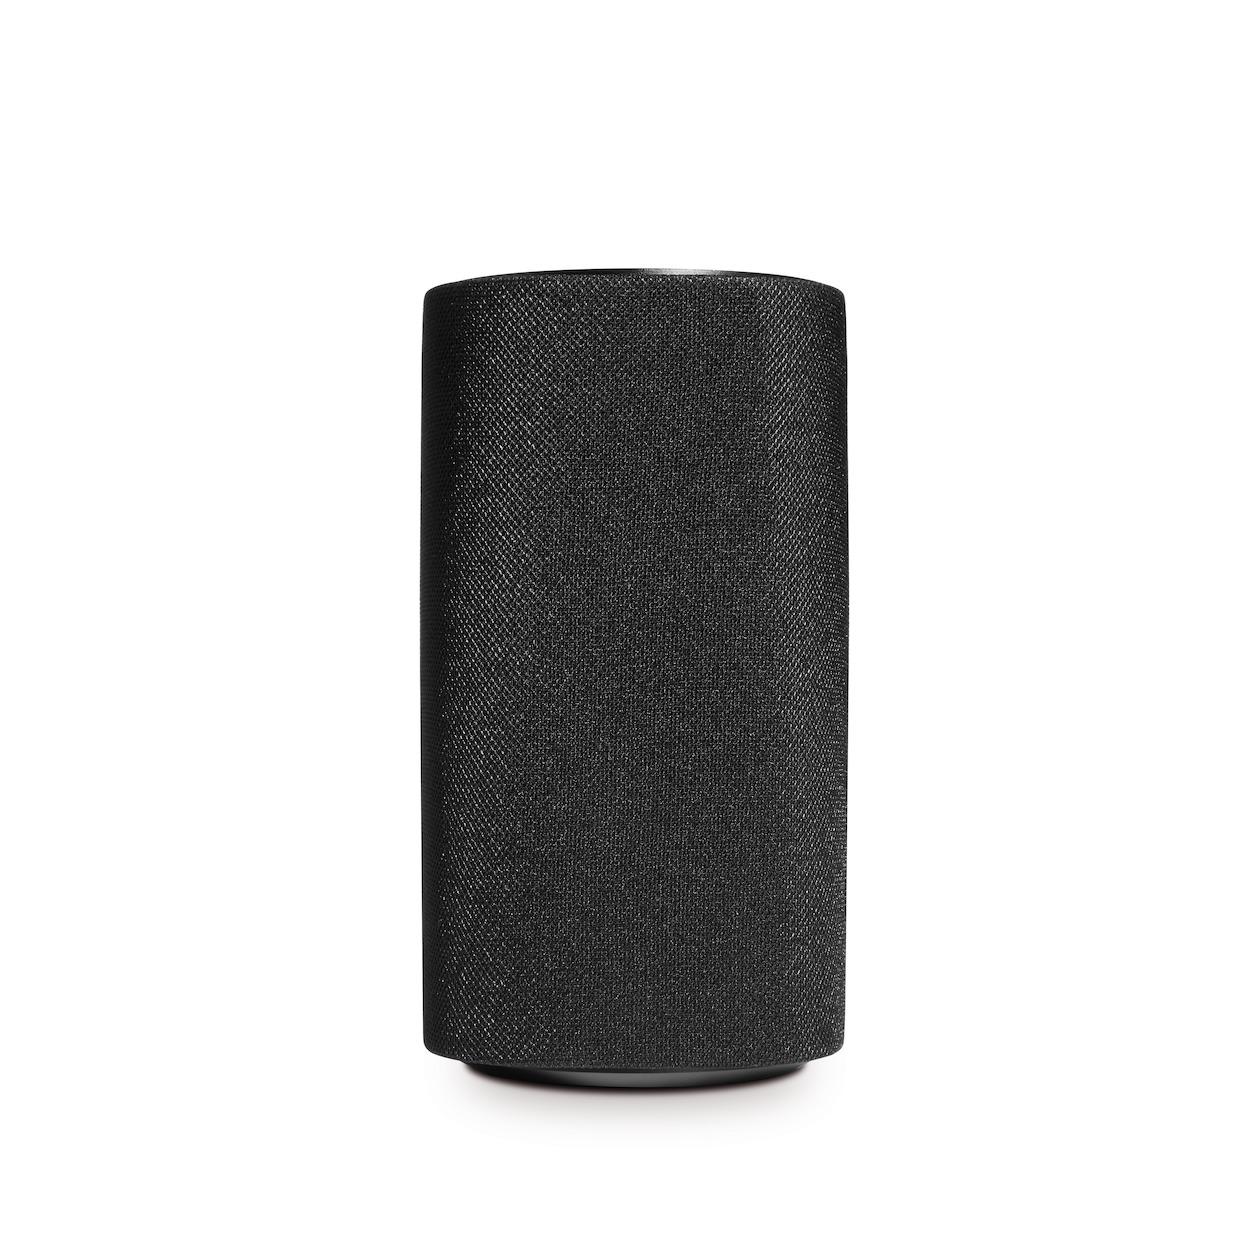 Loewe boekenplank speaker klang 1 zwart